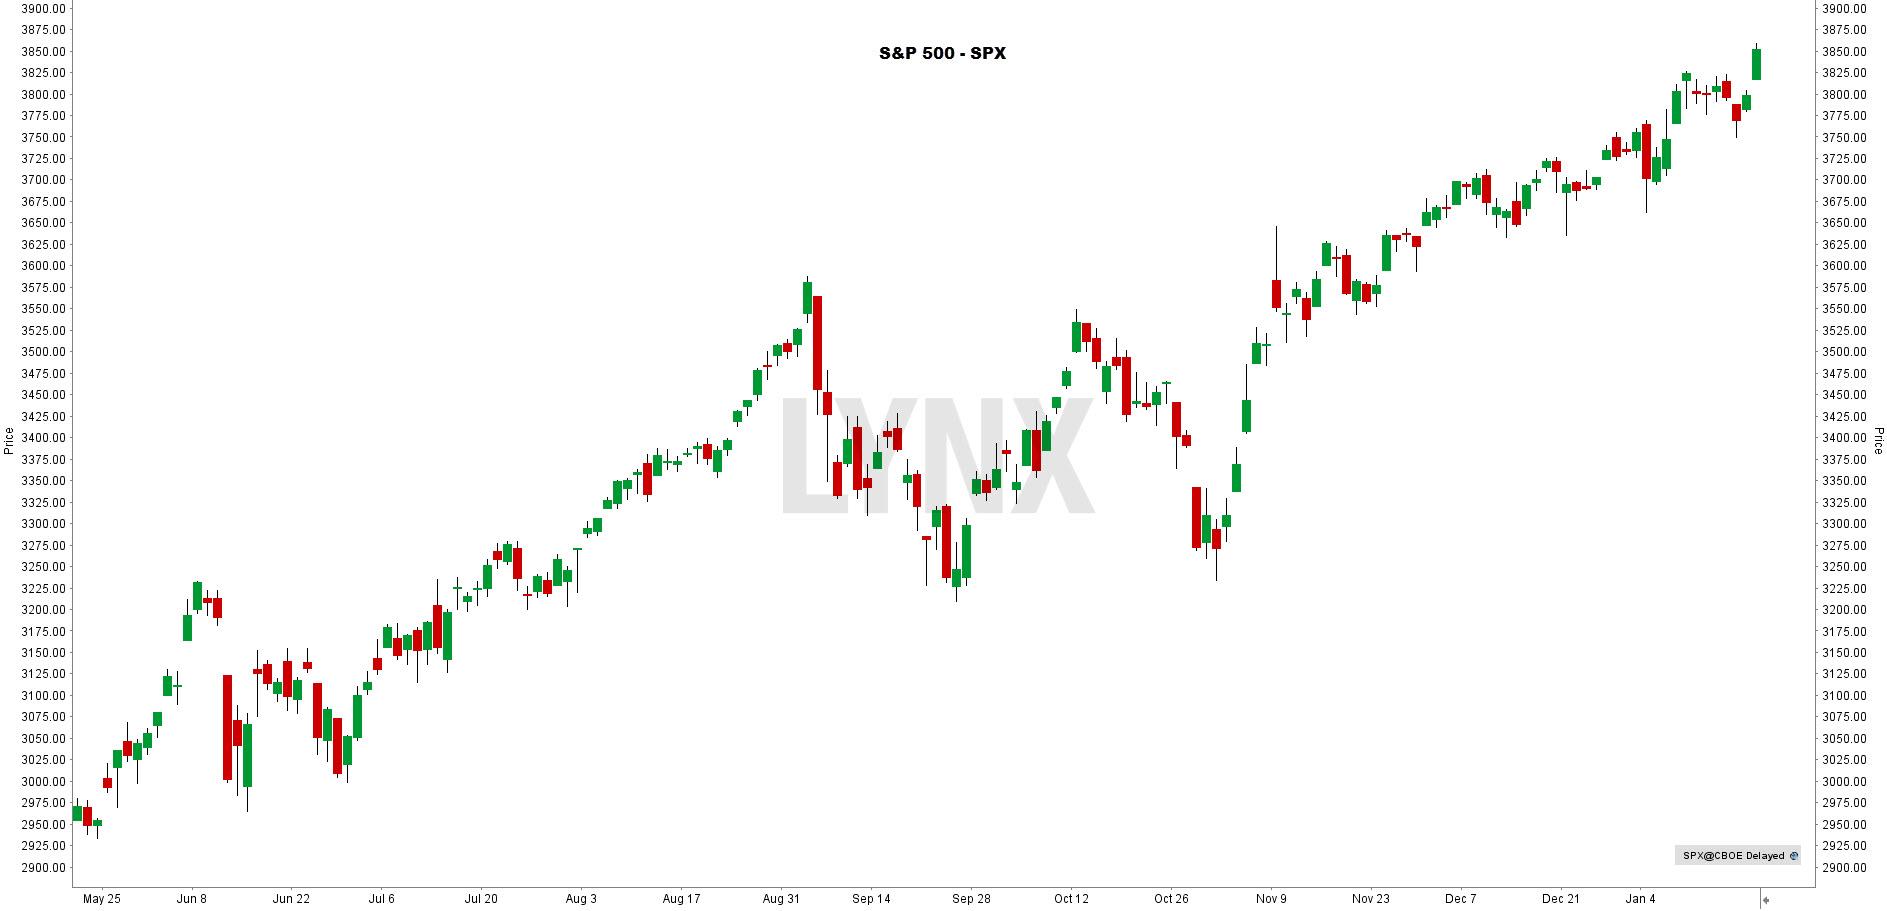 Koers S&P 500